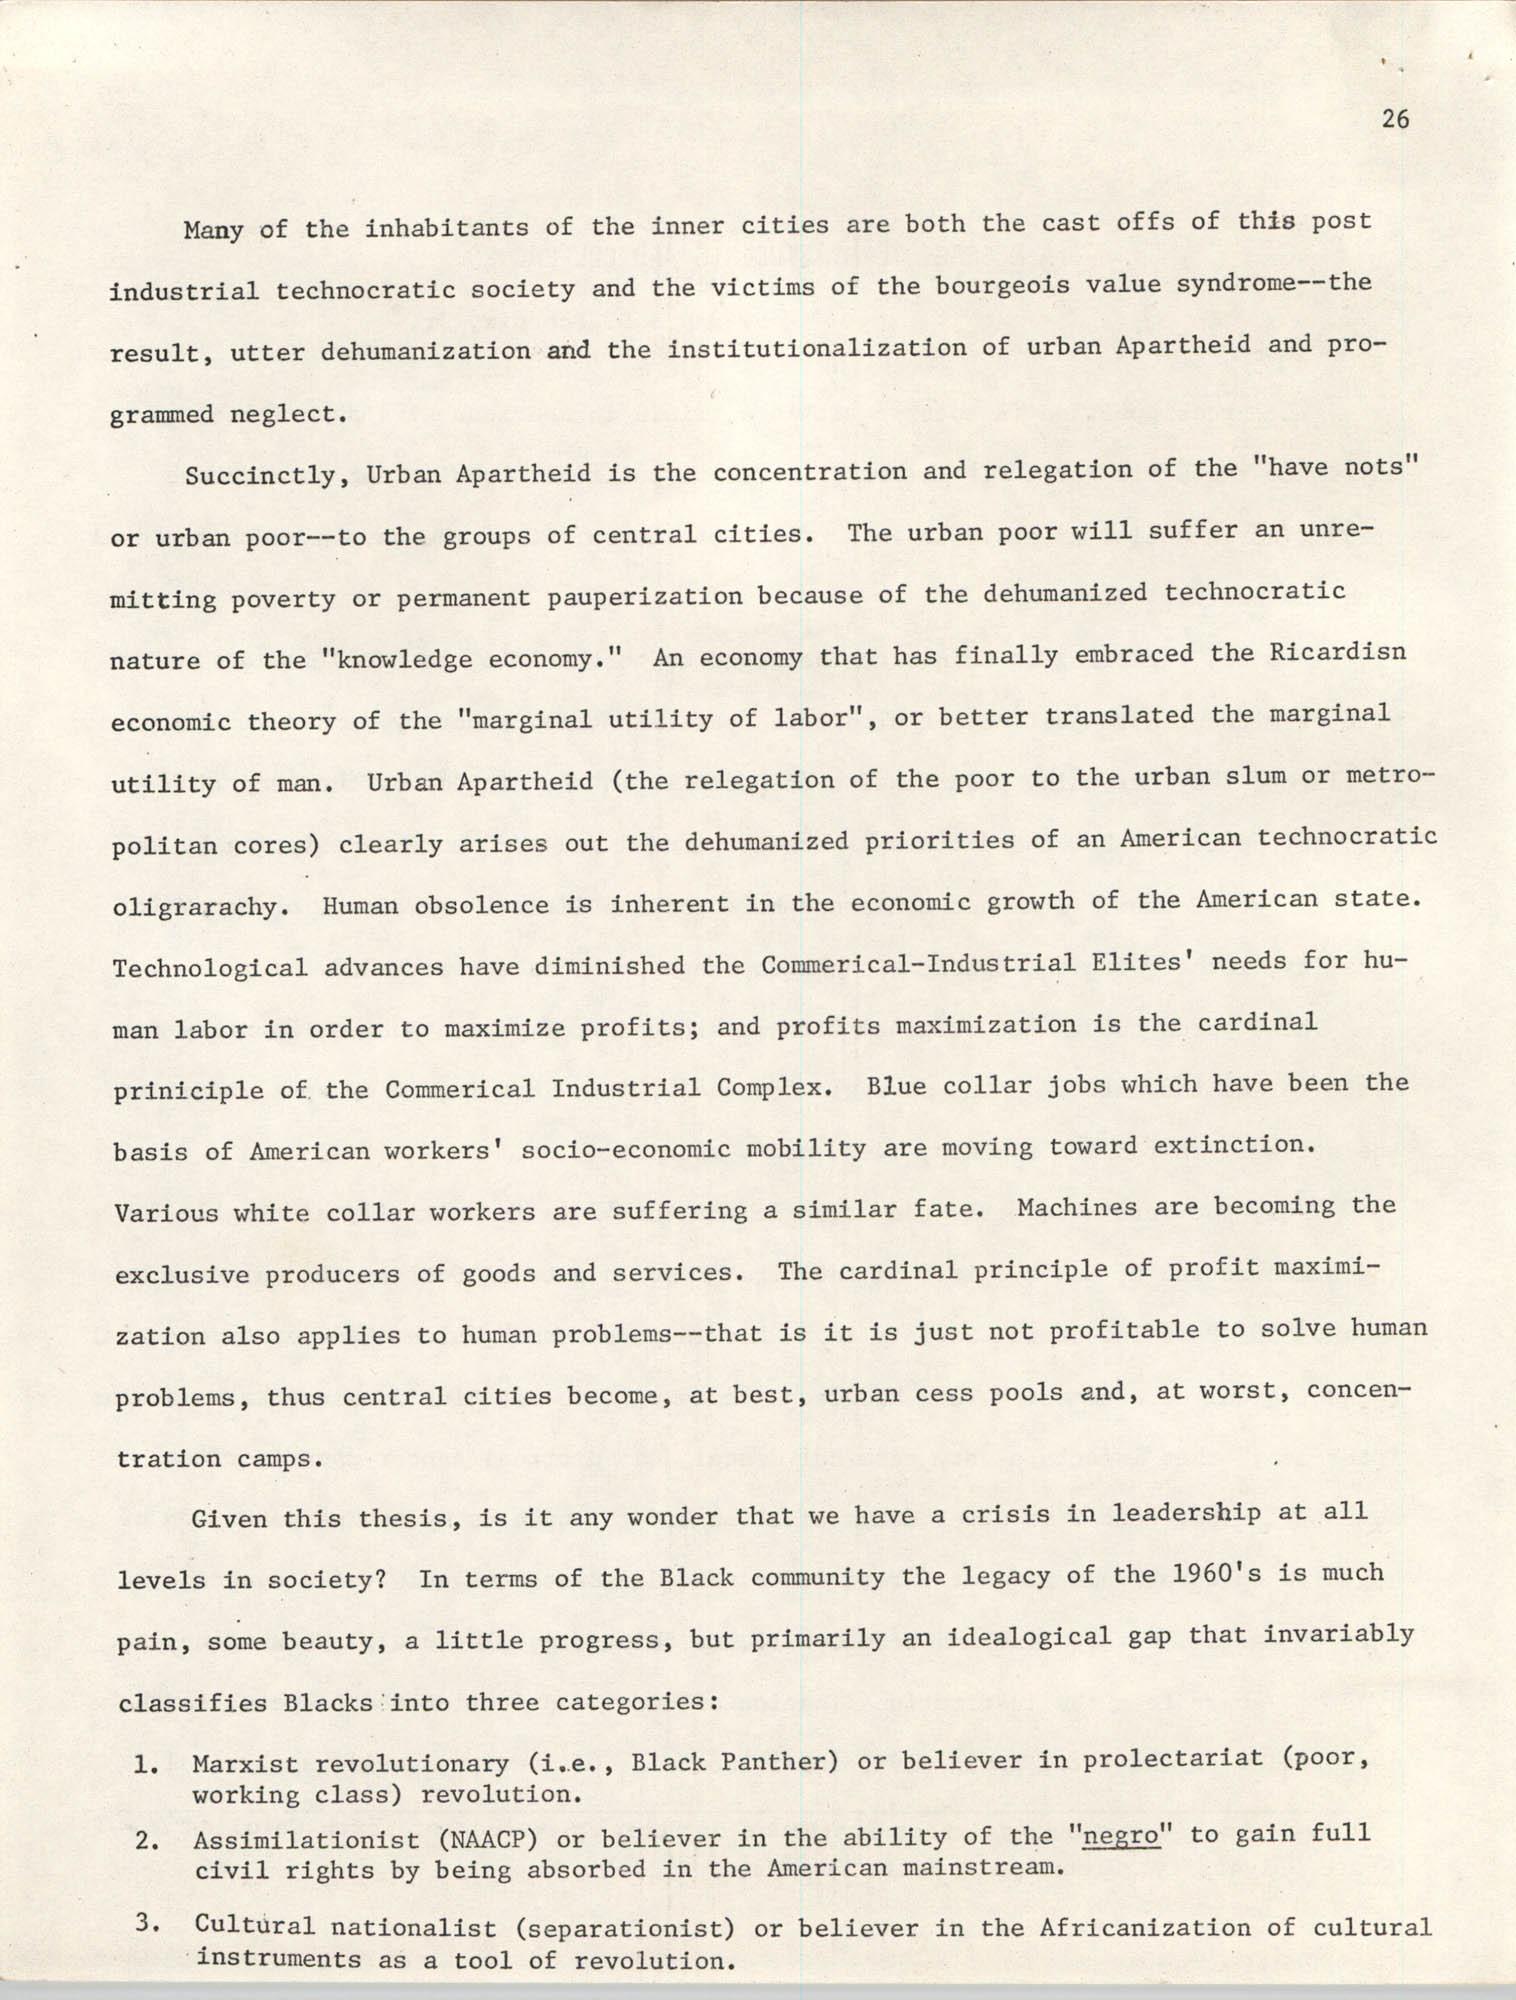 SHARE, Volume I, Number 8, April 1973, Page 26